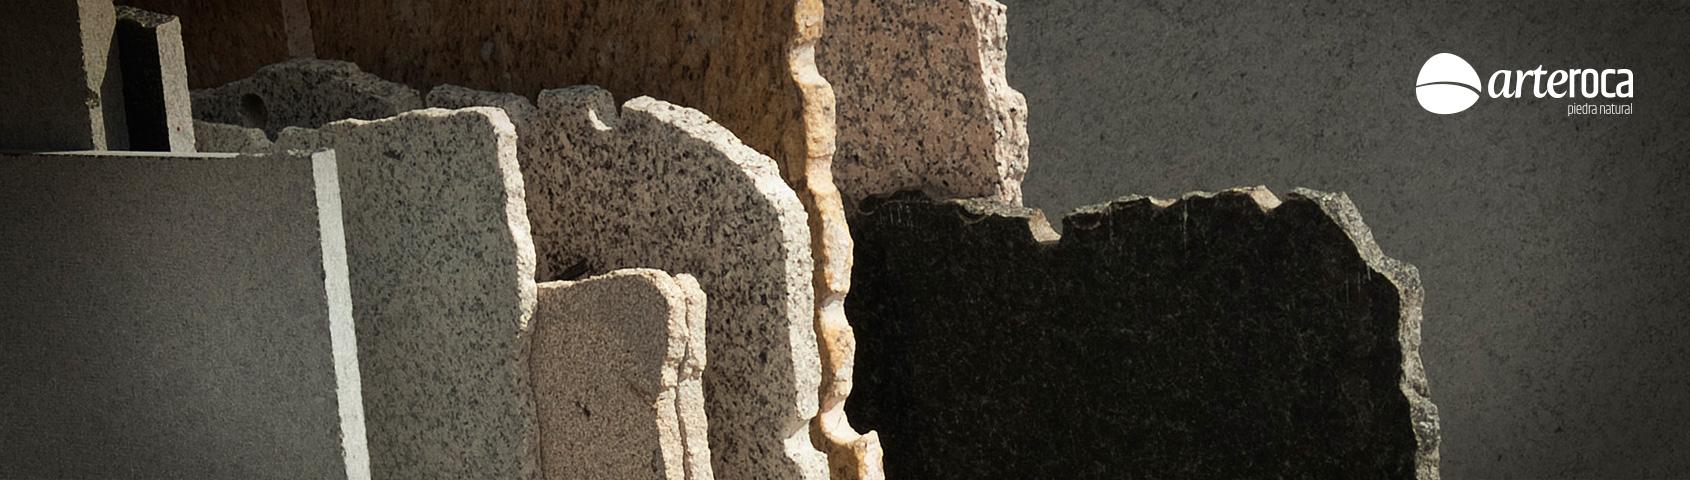 Cortes de granito arteroca